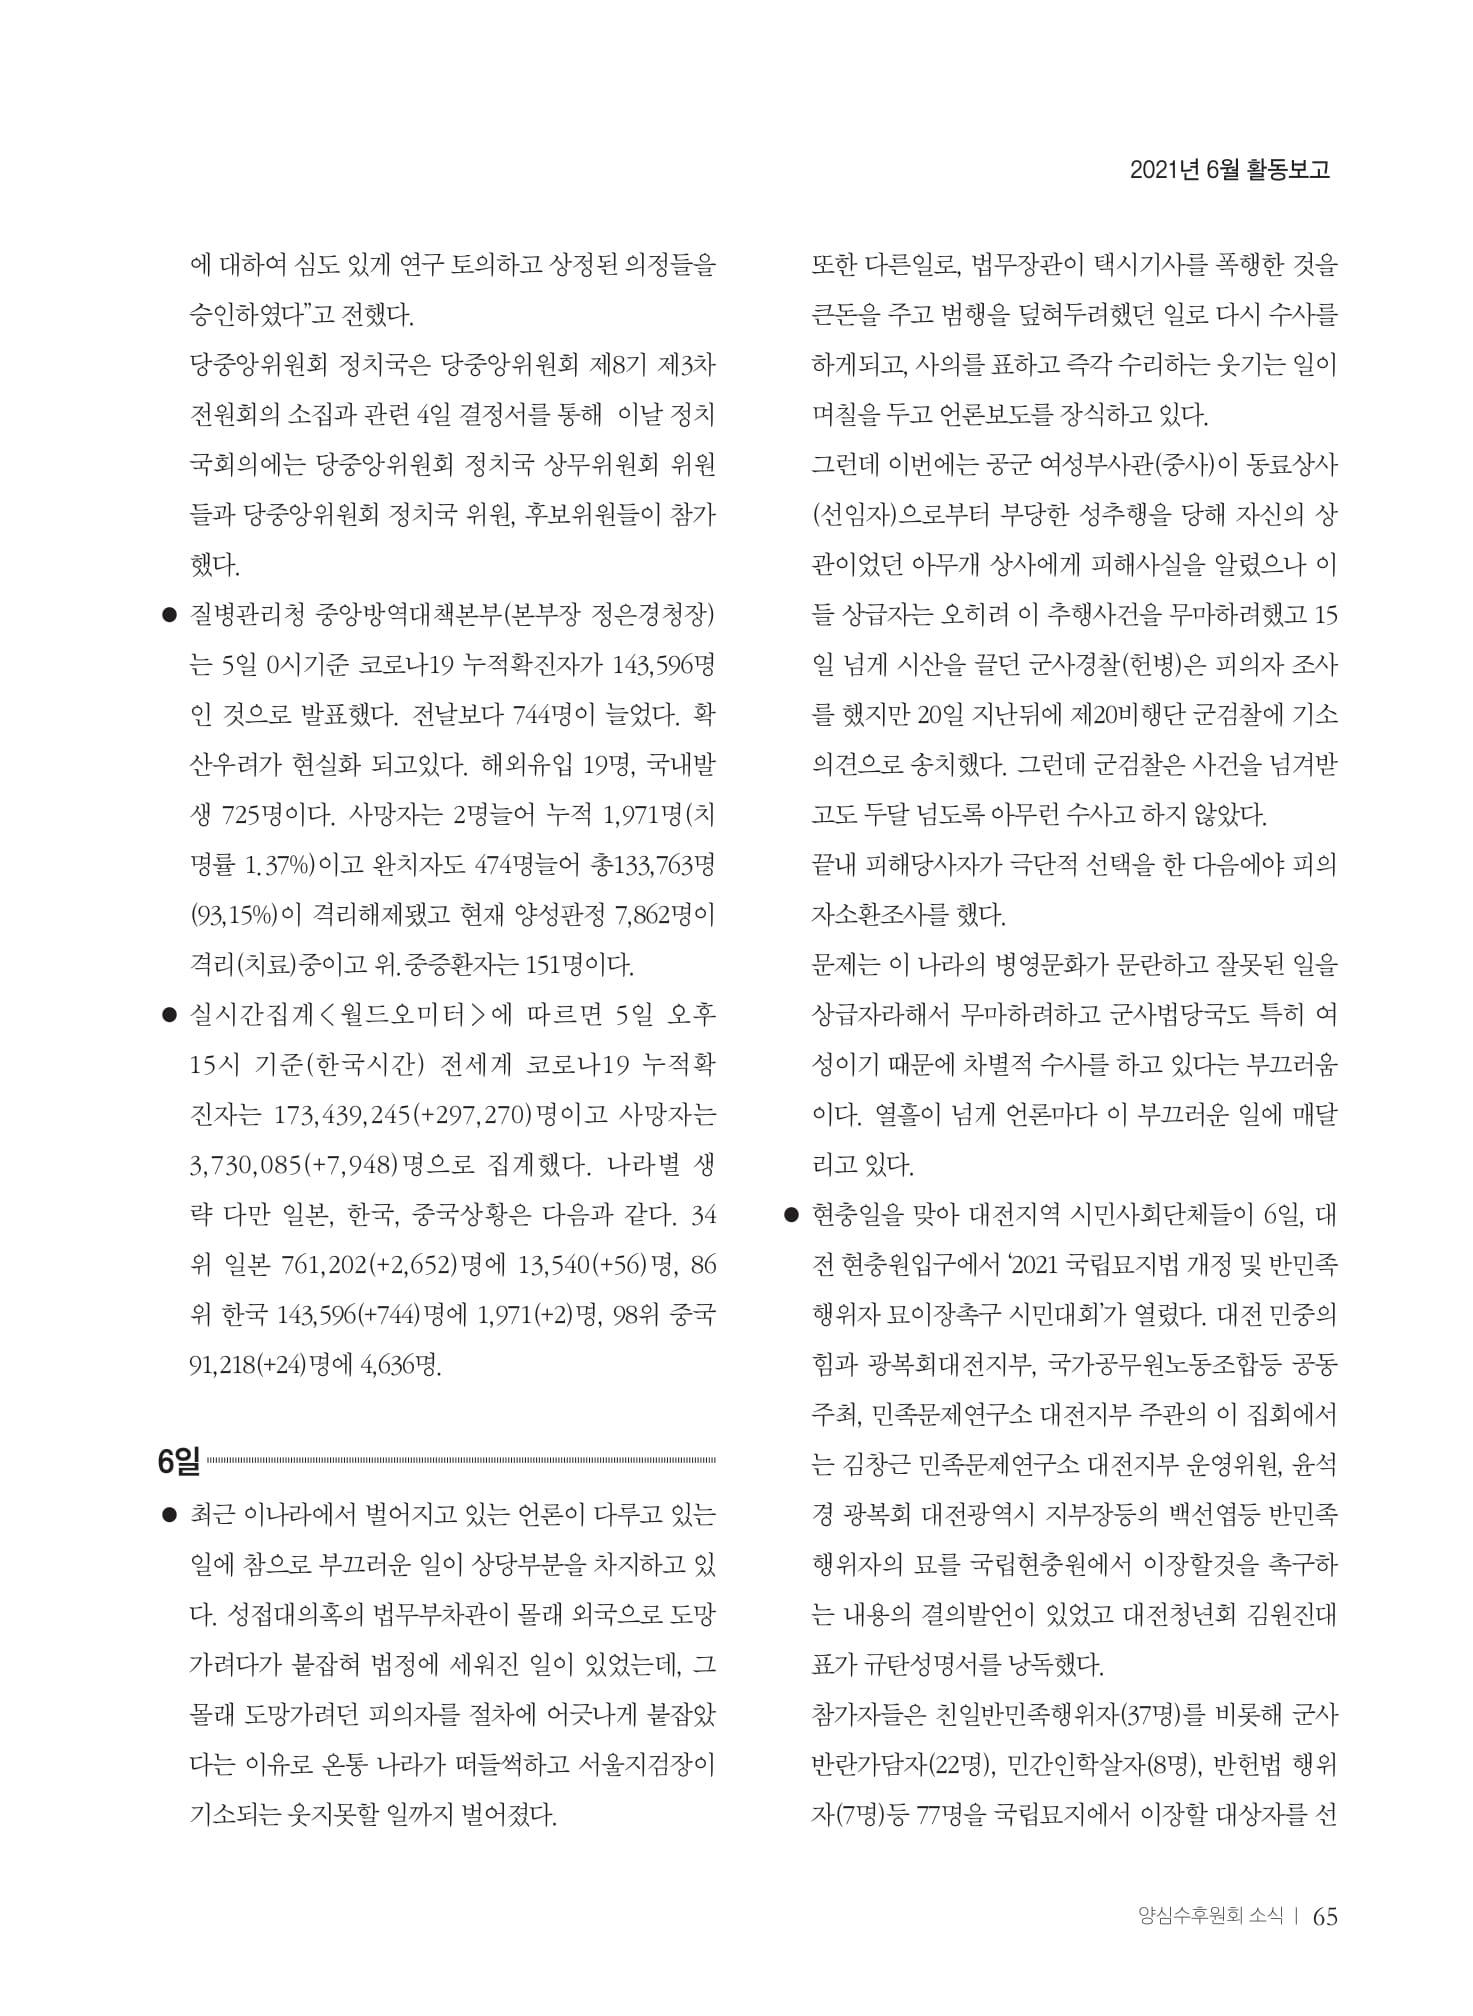 [양심수후원회] 소식지 354호 web 수정-67.jpg